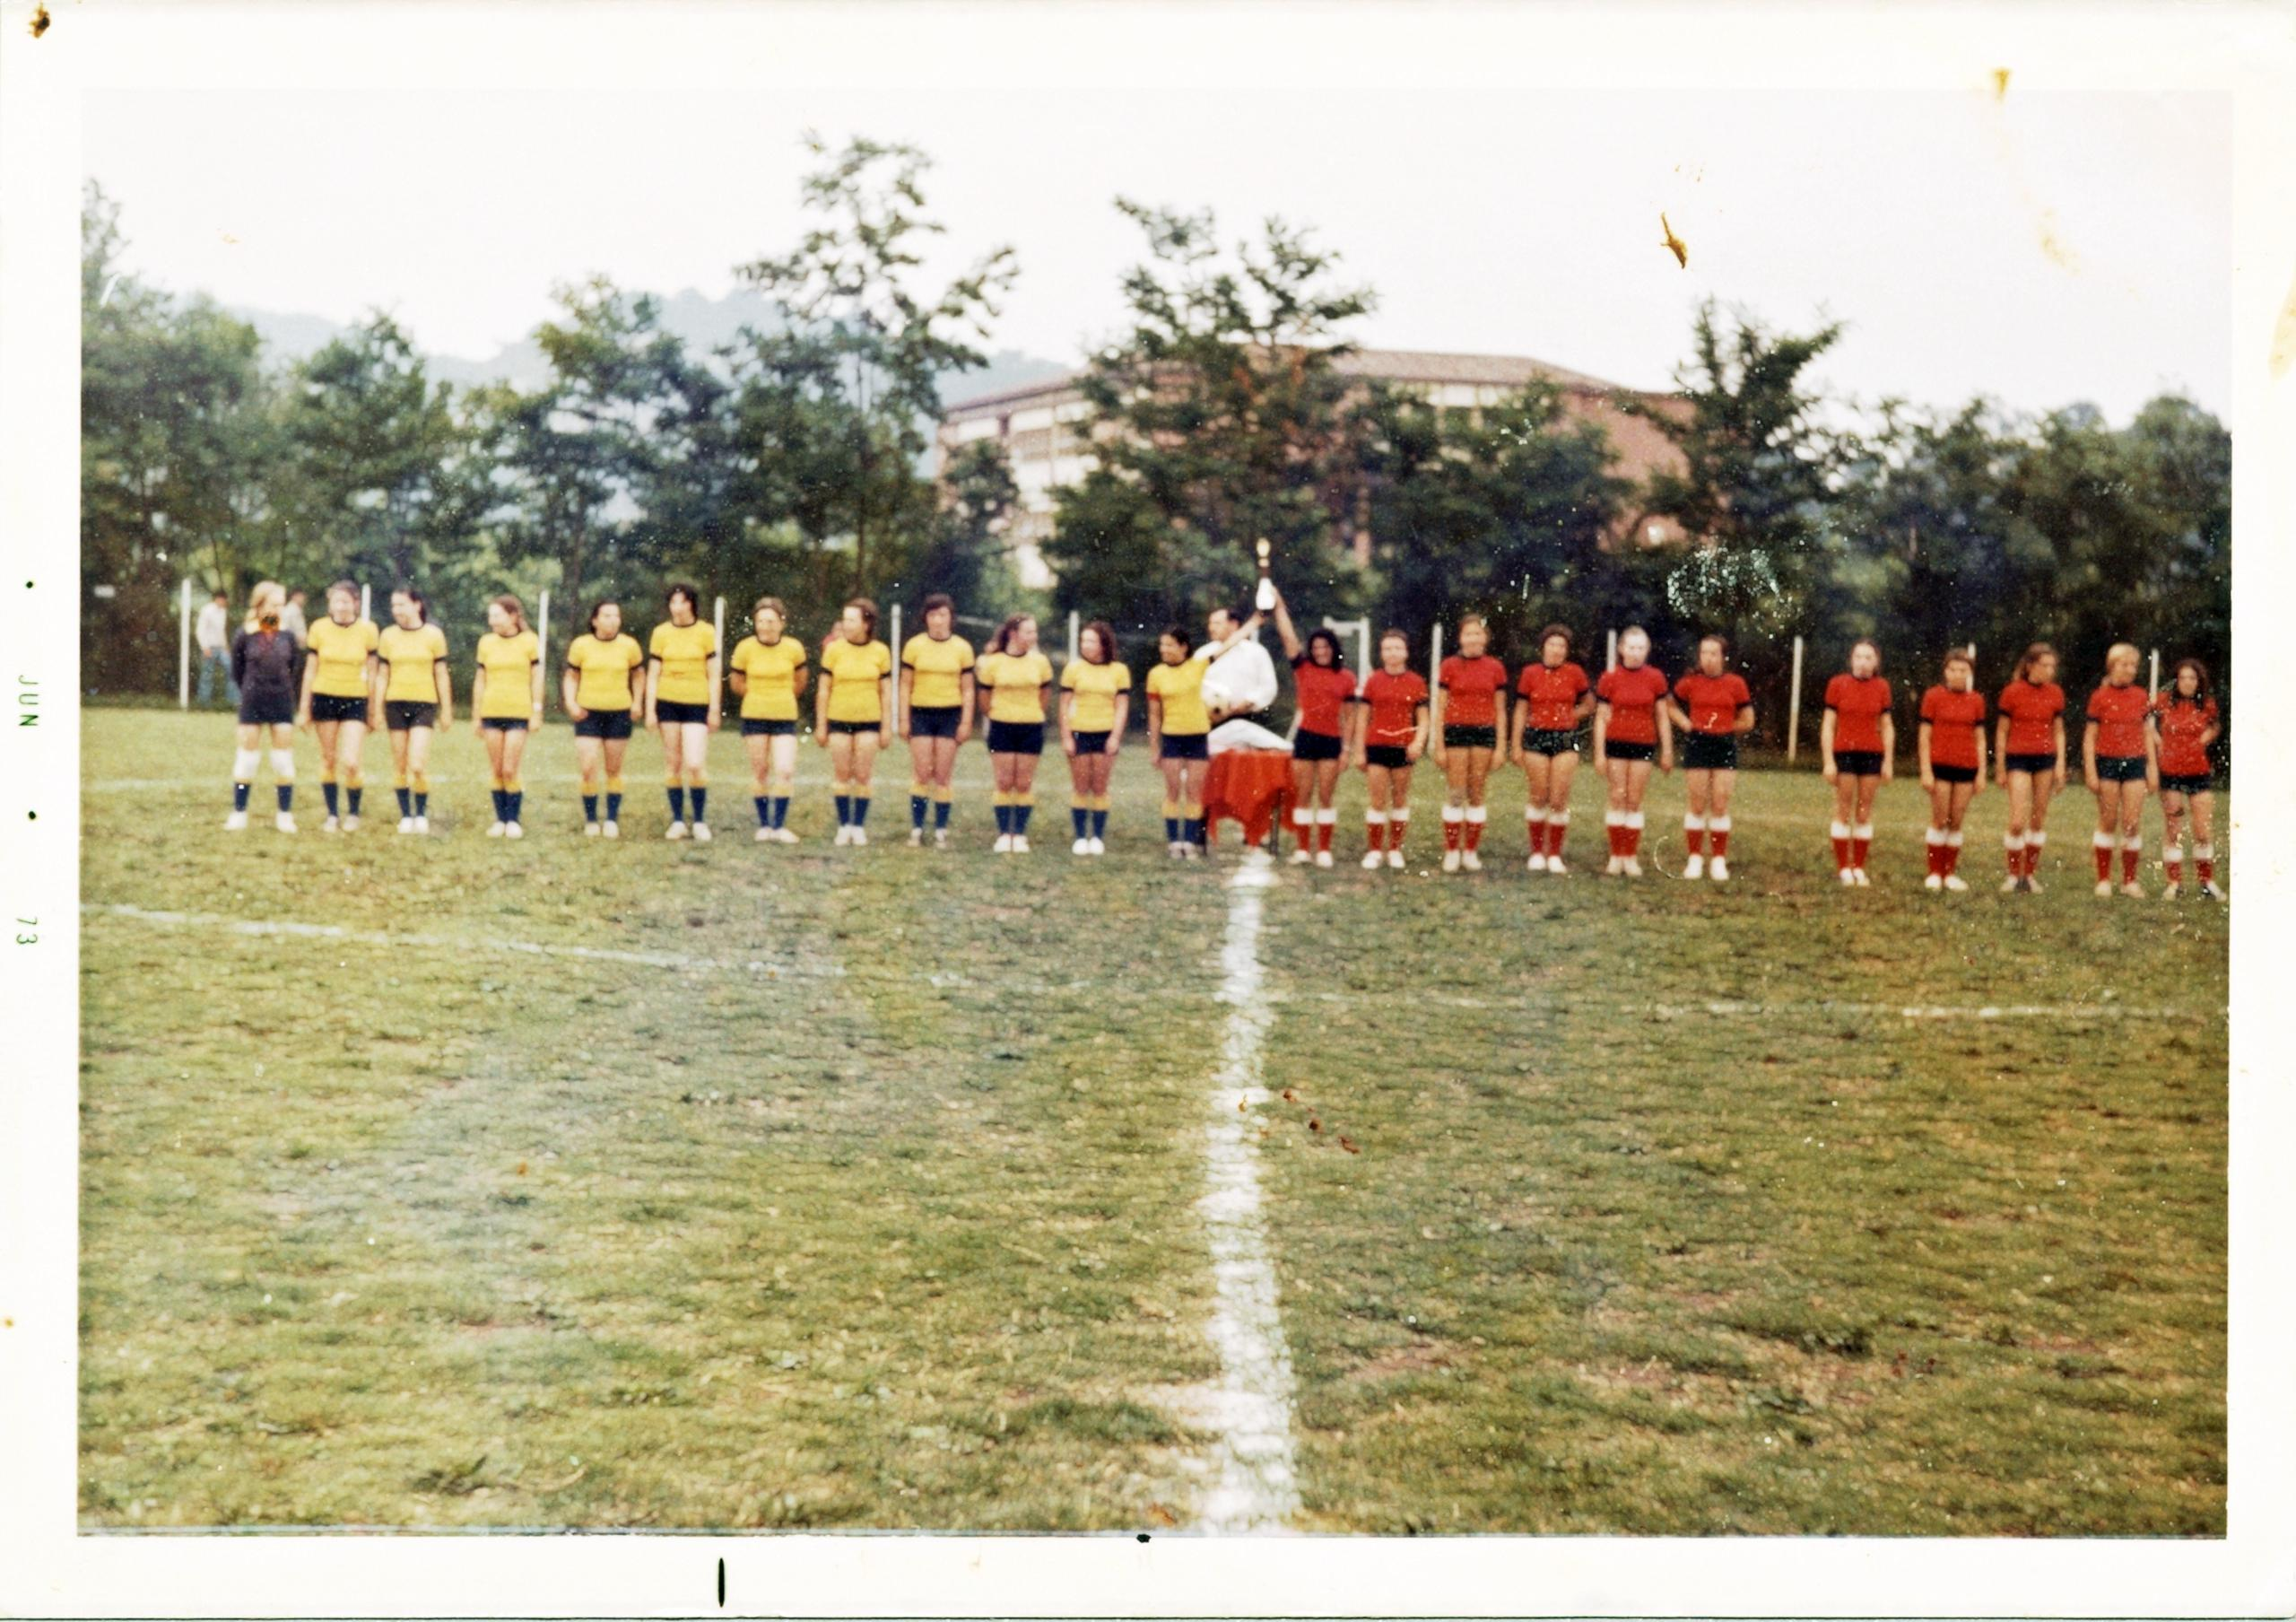 6 giugno 1973, le due squadre femminili schierate a centrocampo.